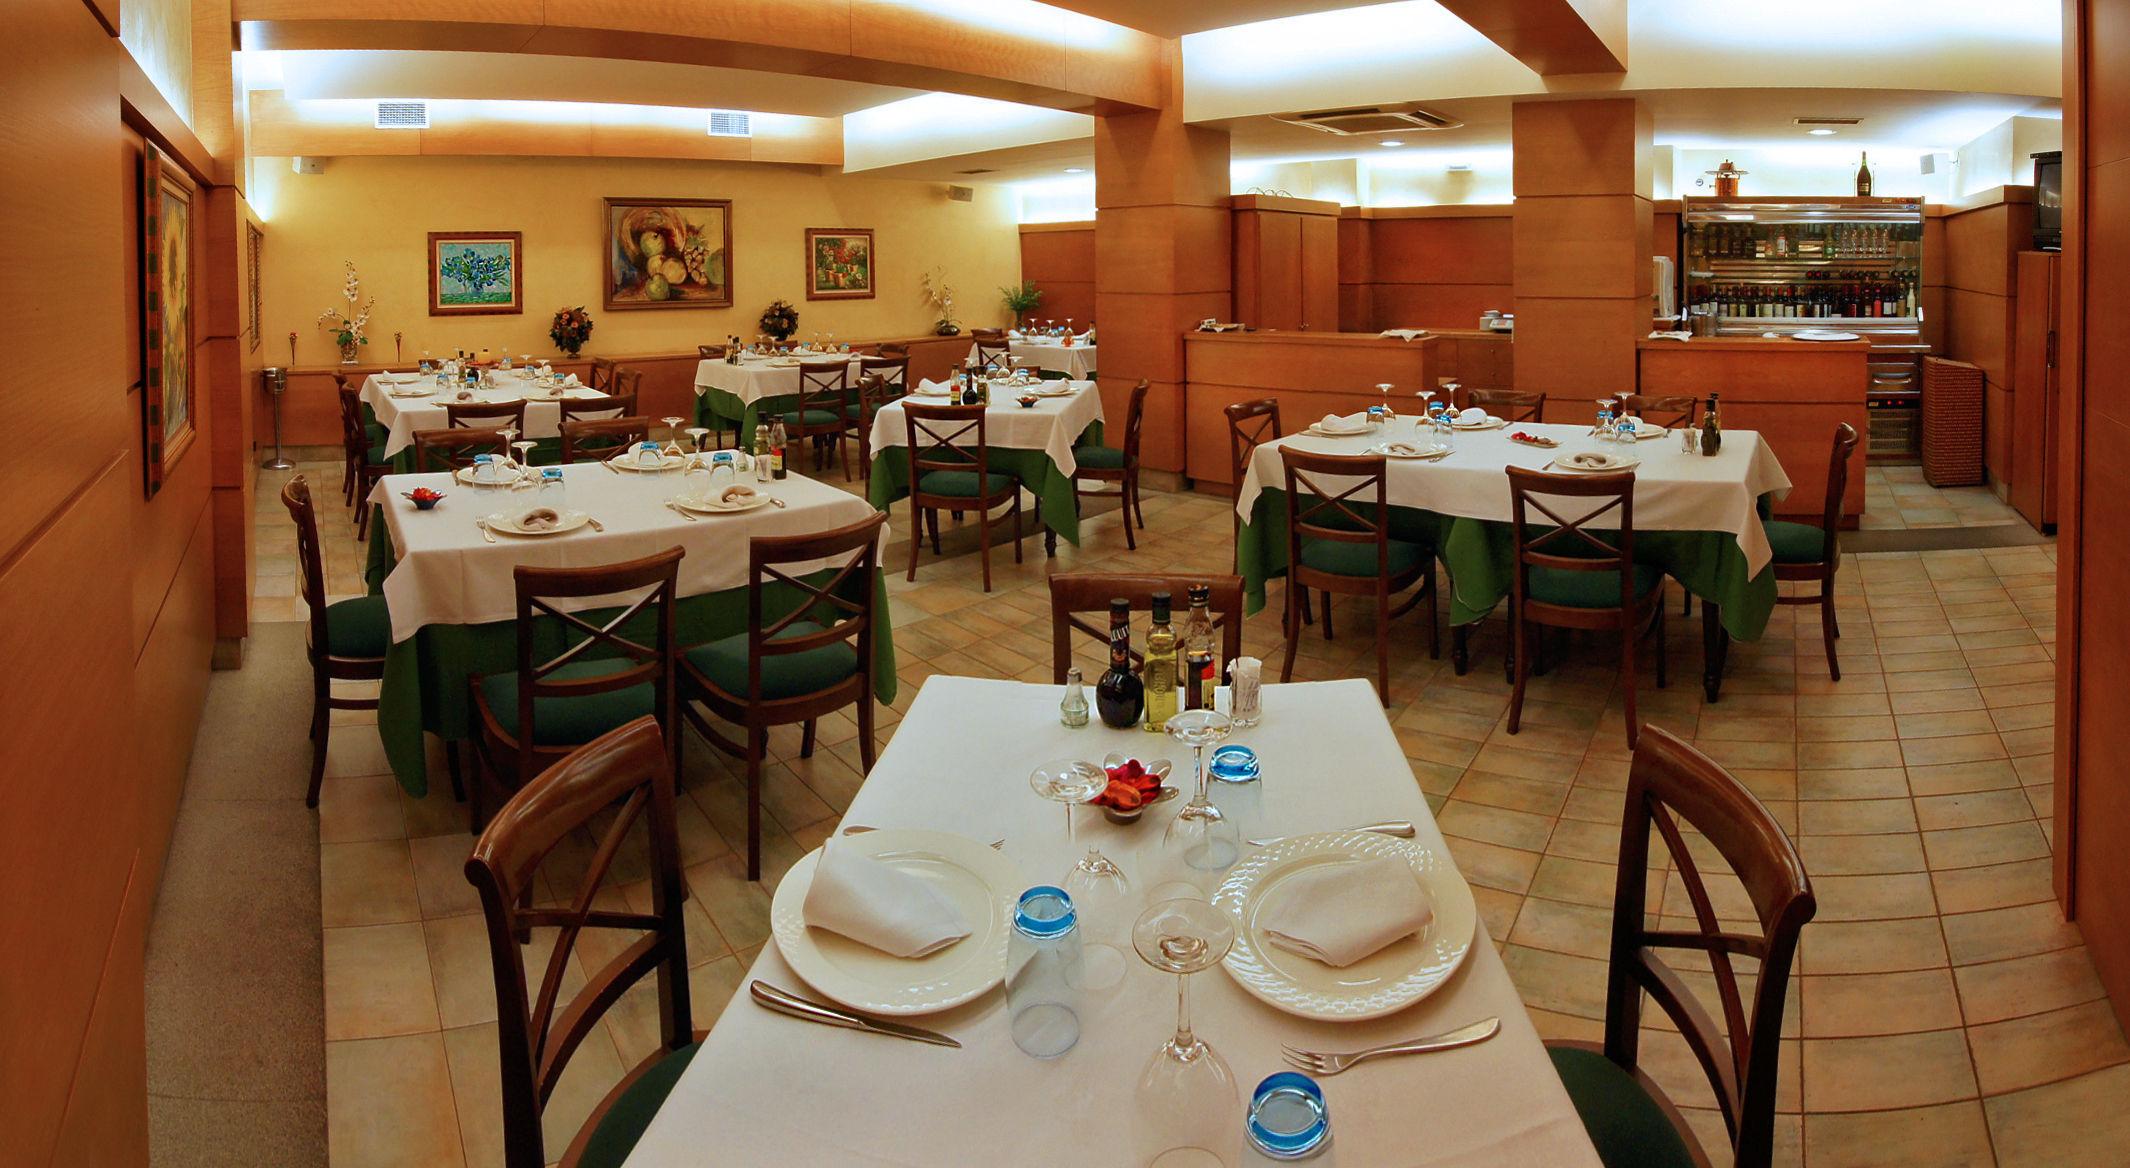 Un/a amigo/a te invita a cenar en un local que no te gusta. ¿Qué piensas hacer?